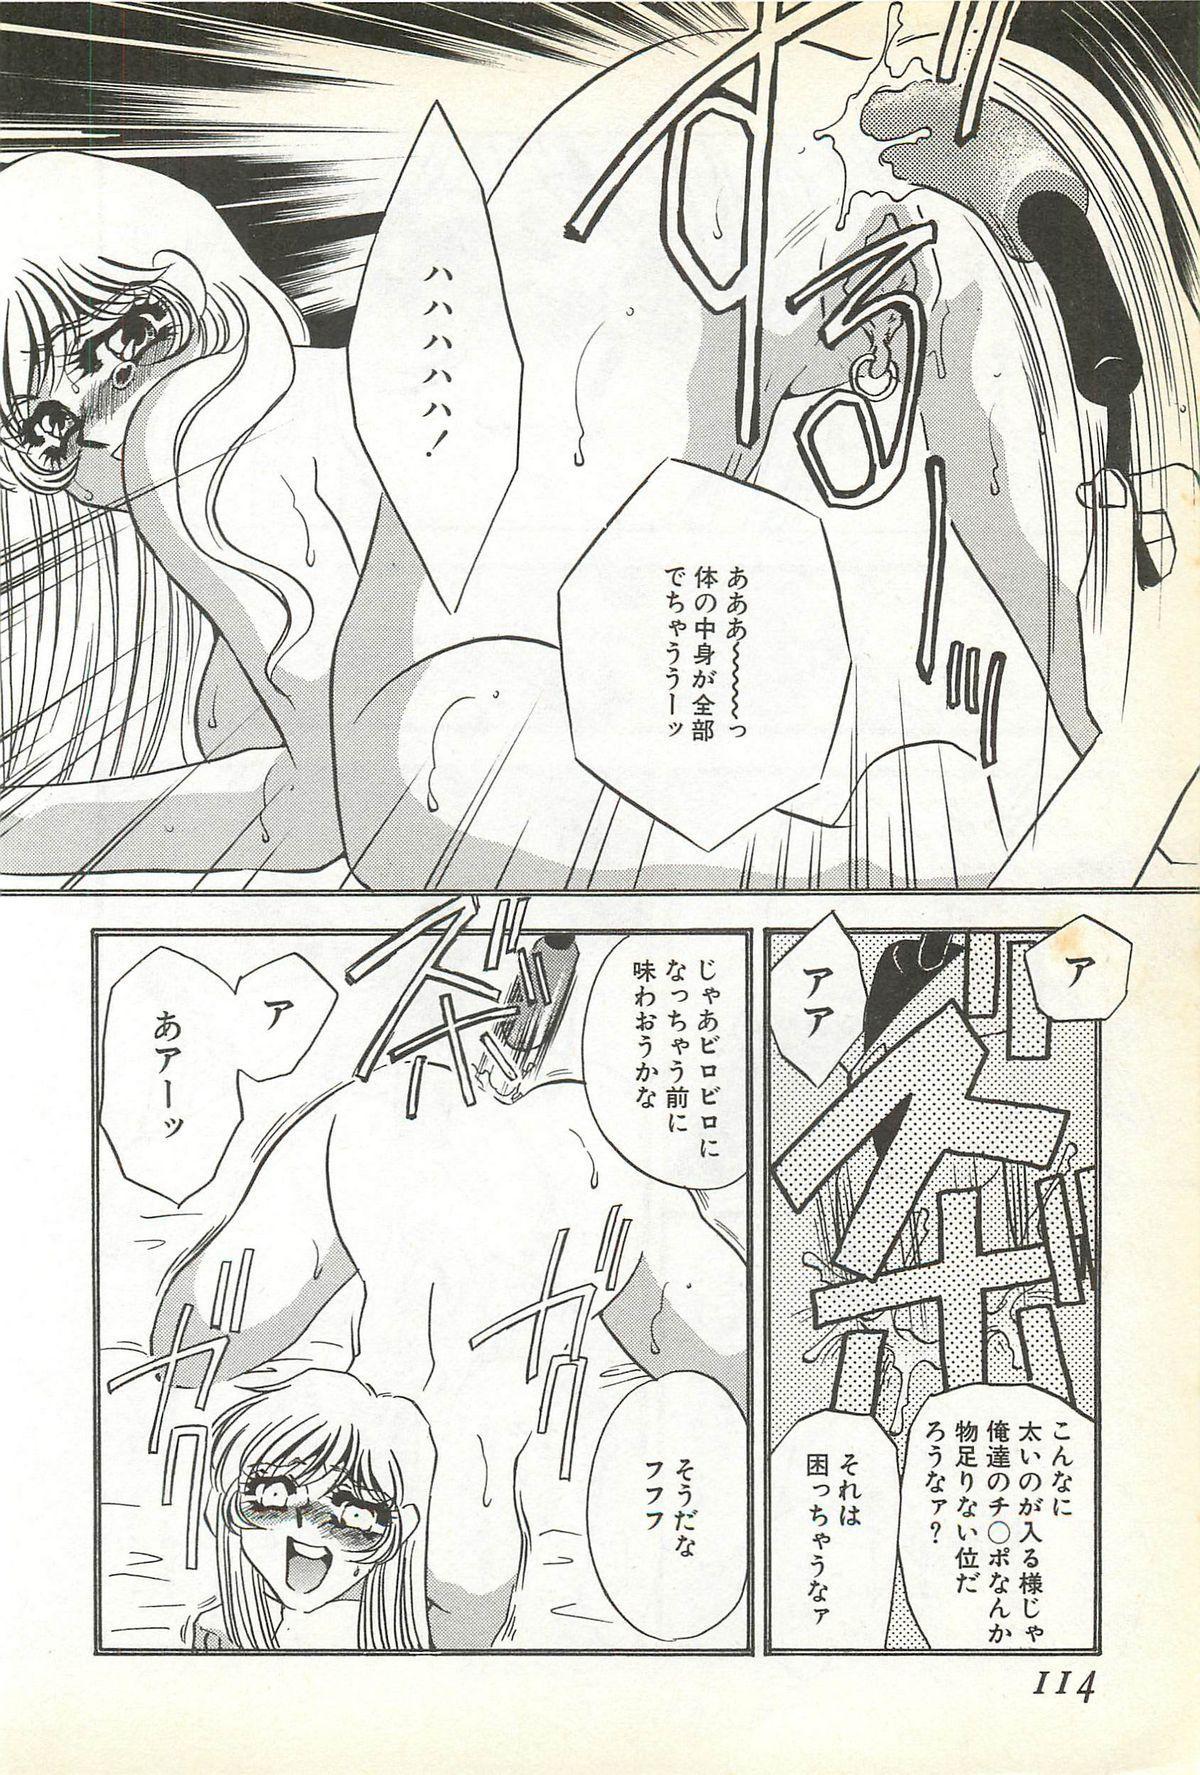 Chigyaku no Heya - A Shameful Punishment Room 109